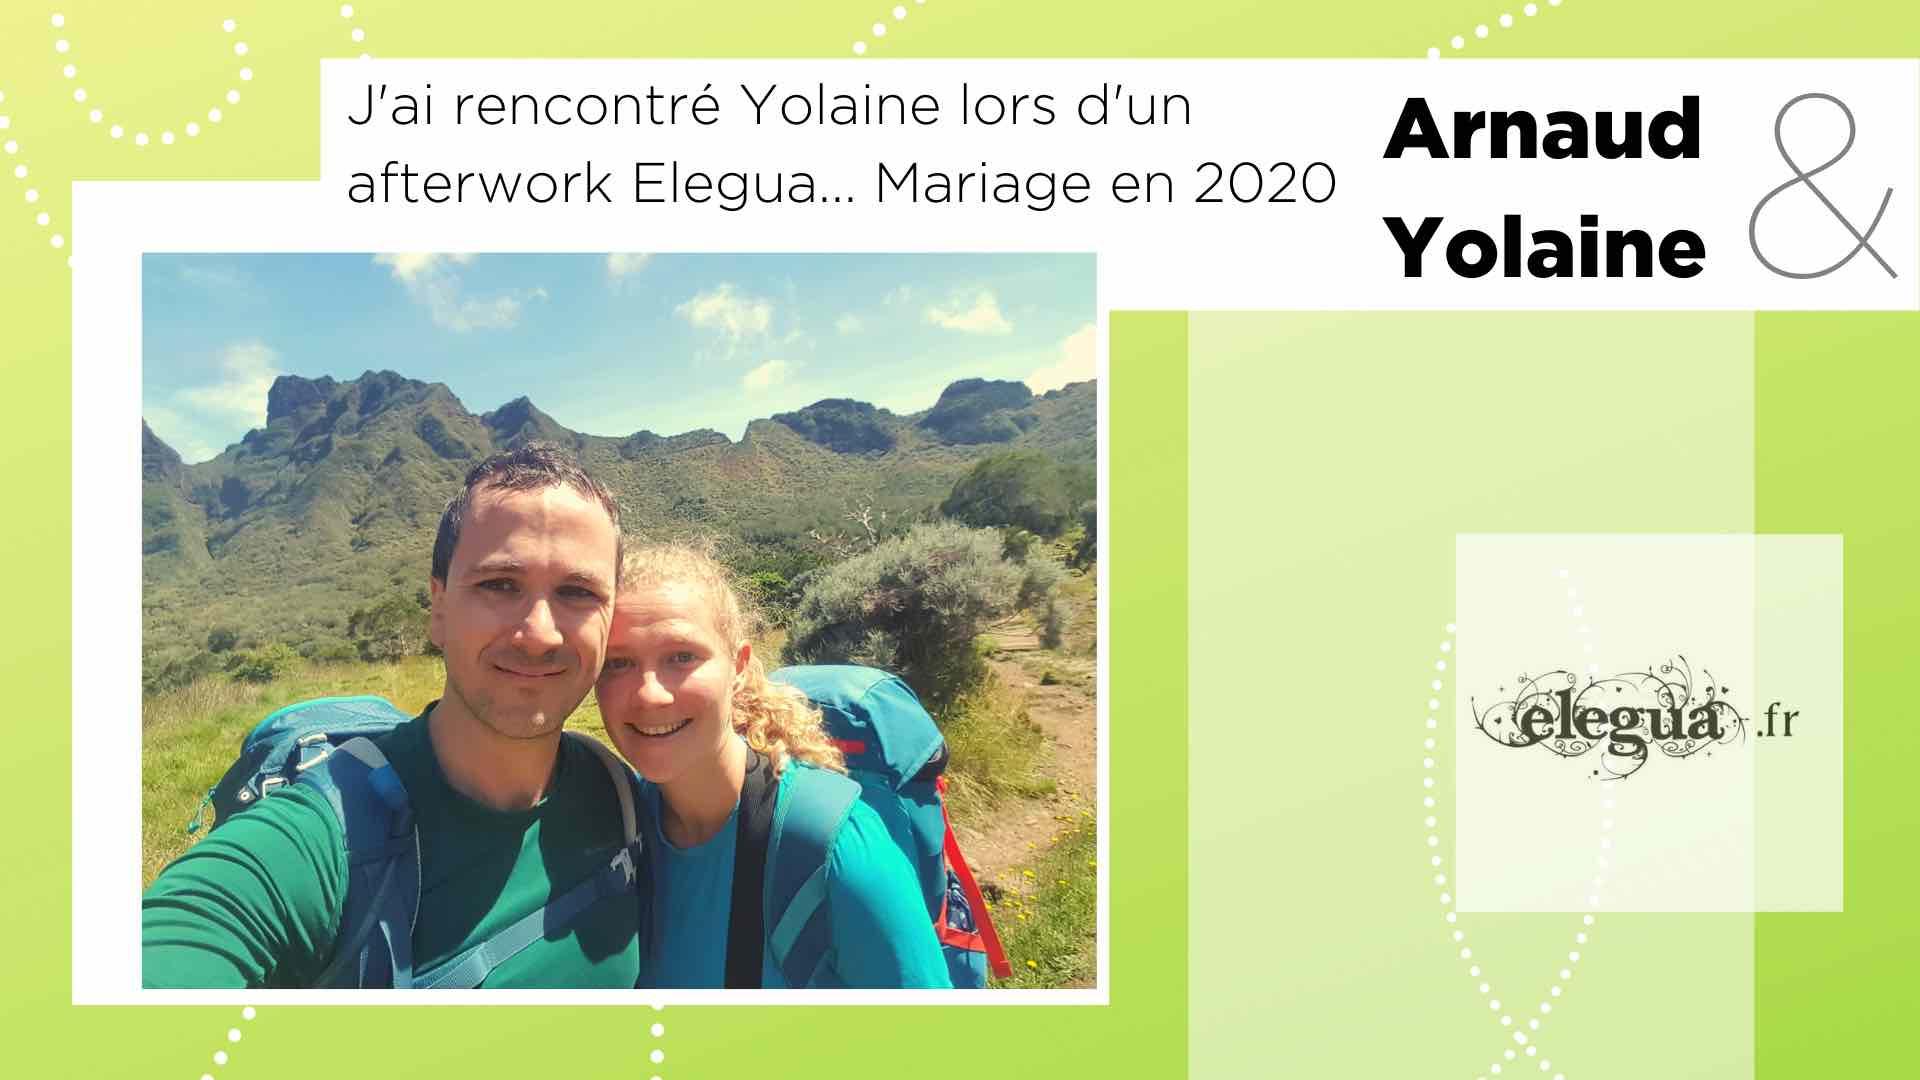 arIls ont rencontré l'amour chez Elegua : Arnaud et Yolaine. Pour la Saint-Valentin 8 couples nous partagent leur histoire...